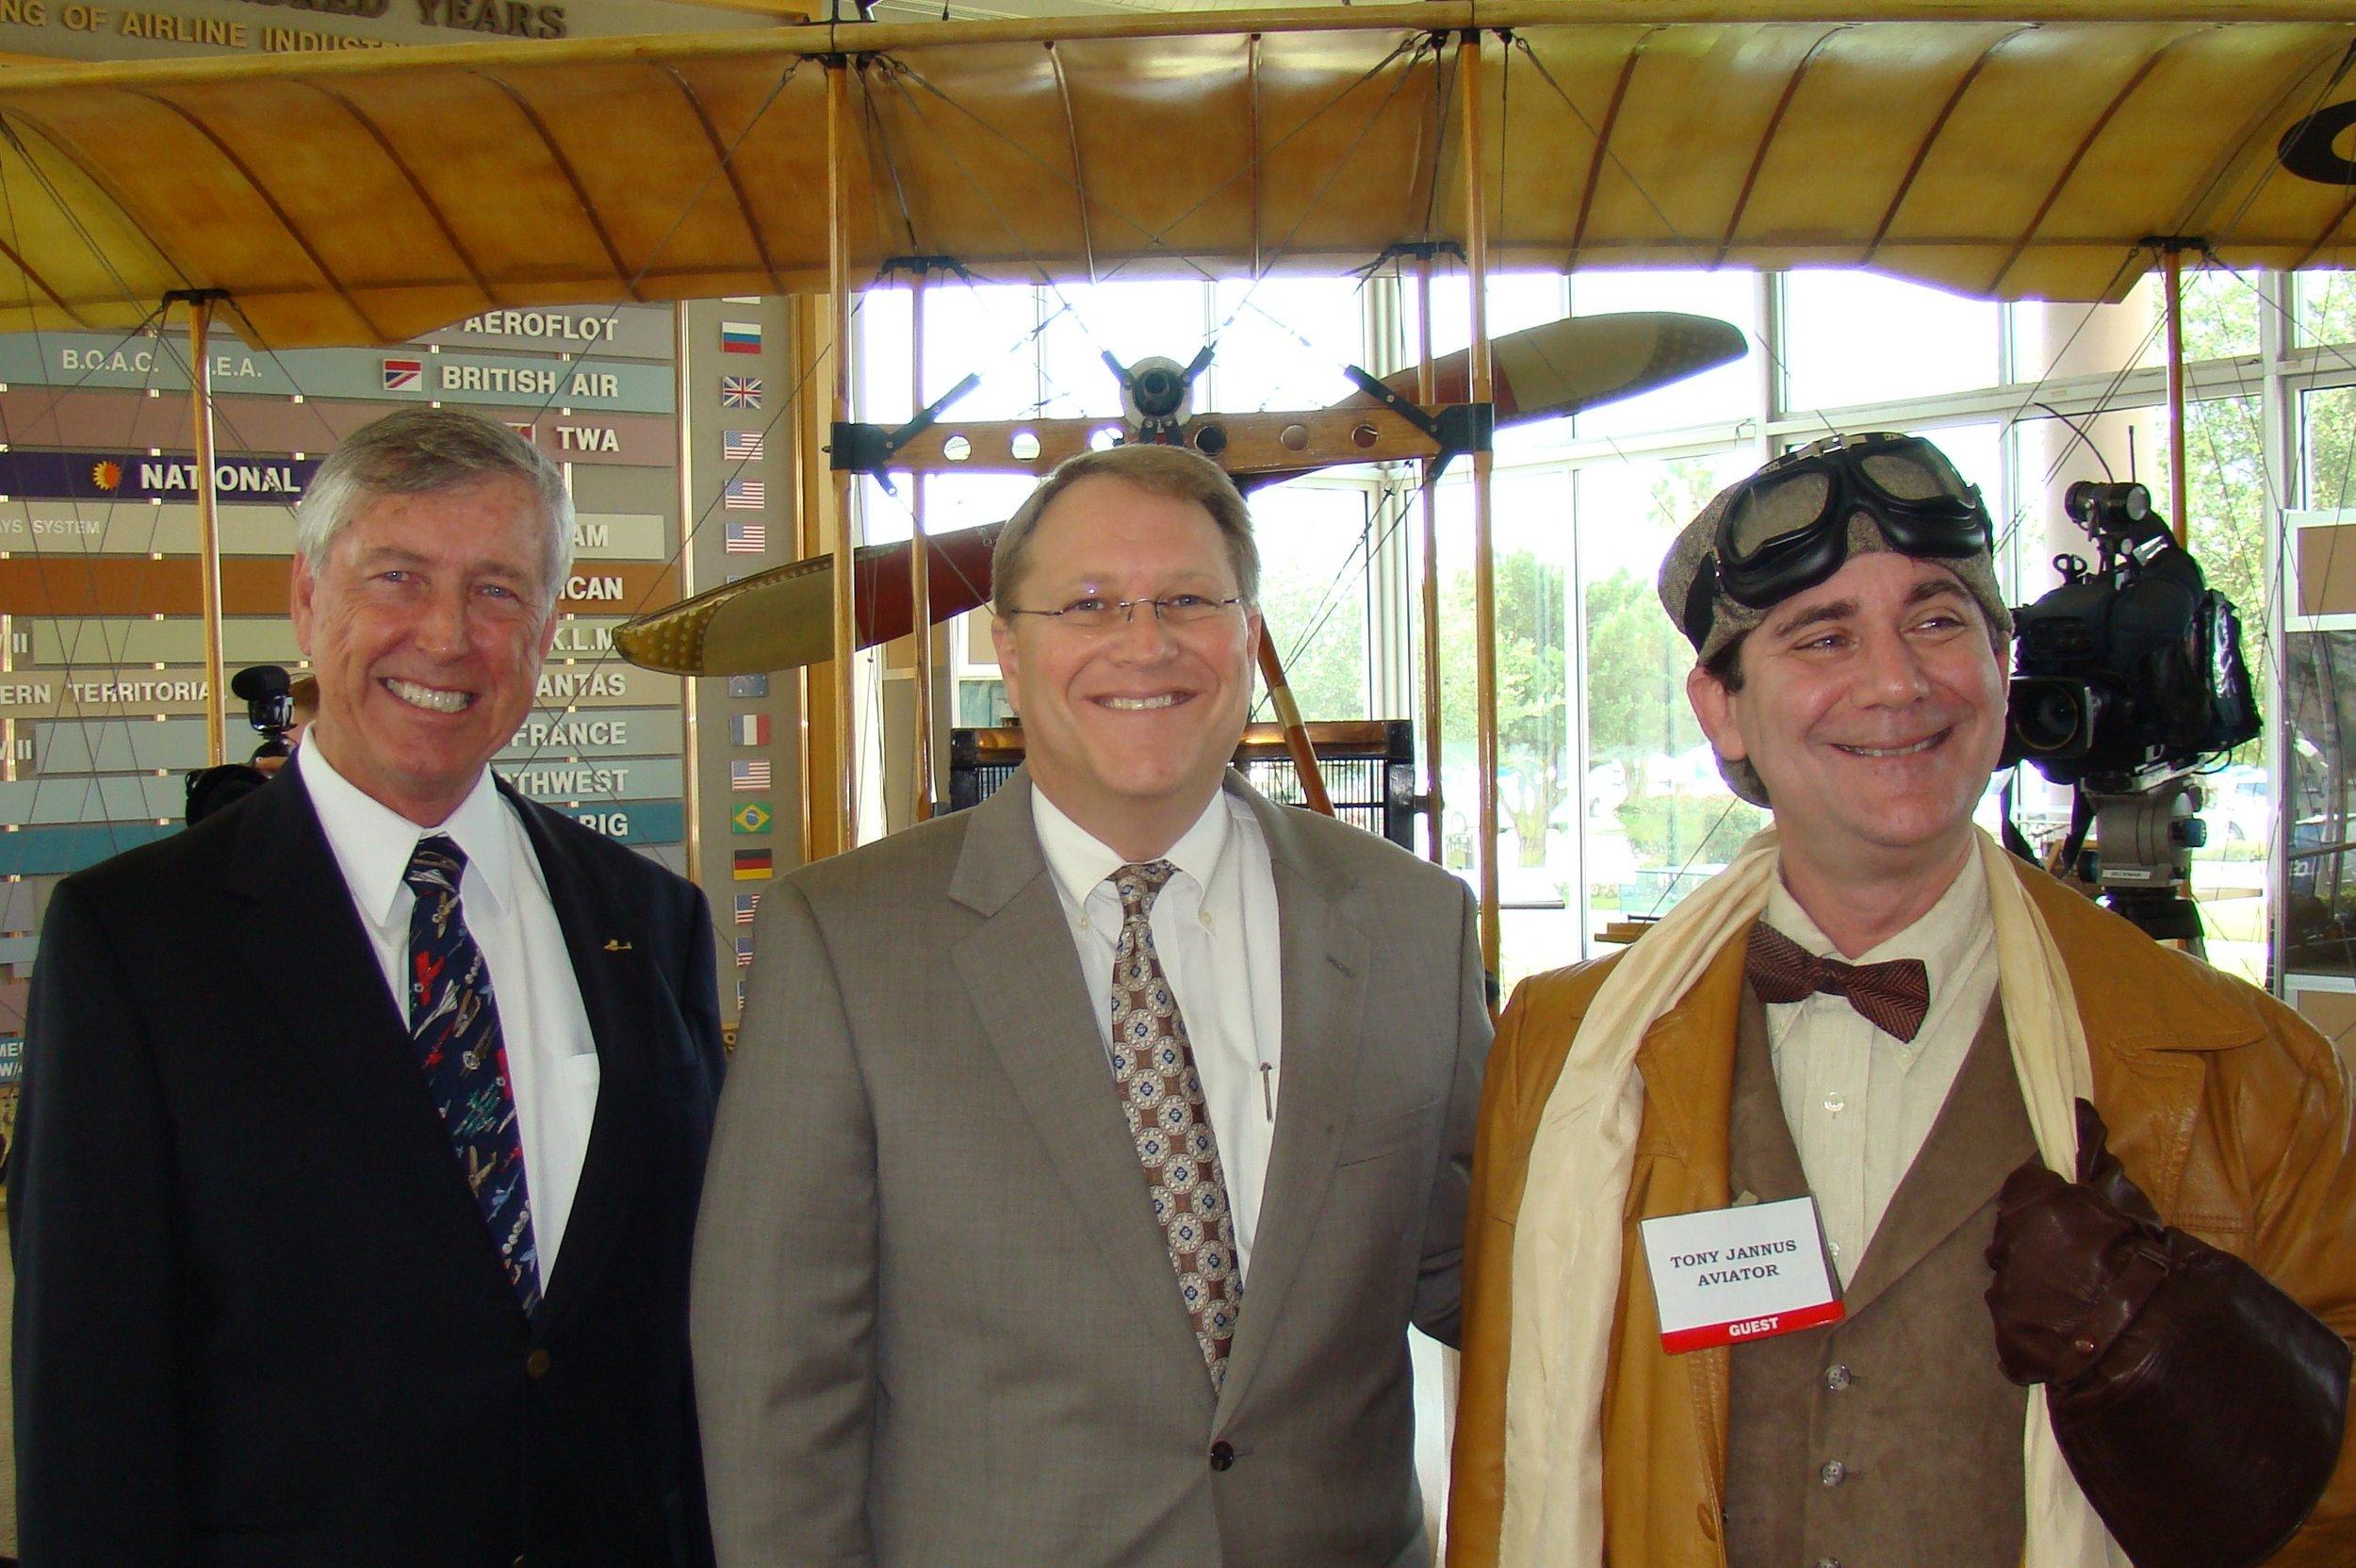 Will Michaels, Mayor Bill Foster & Tony Jannus - 1, 14 Jun '12.JPG